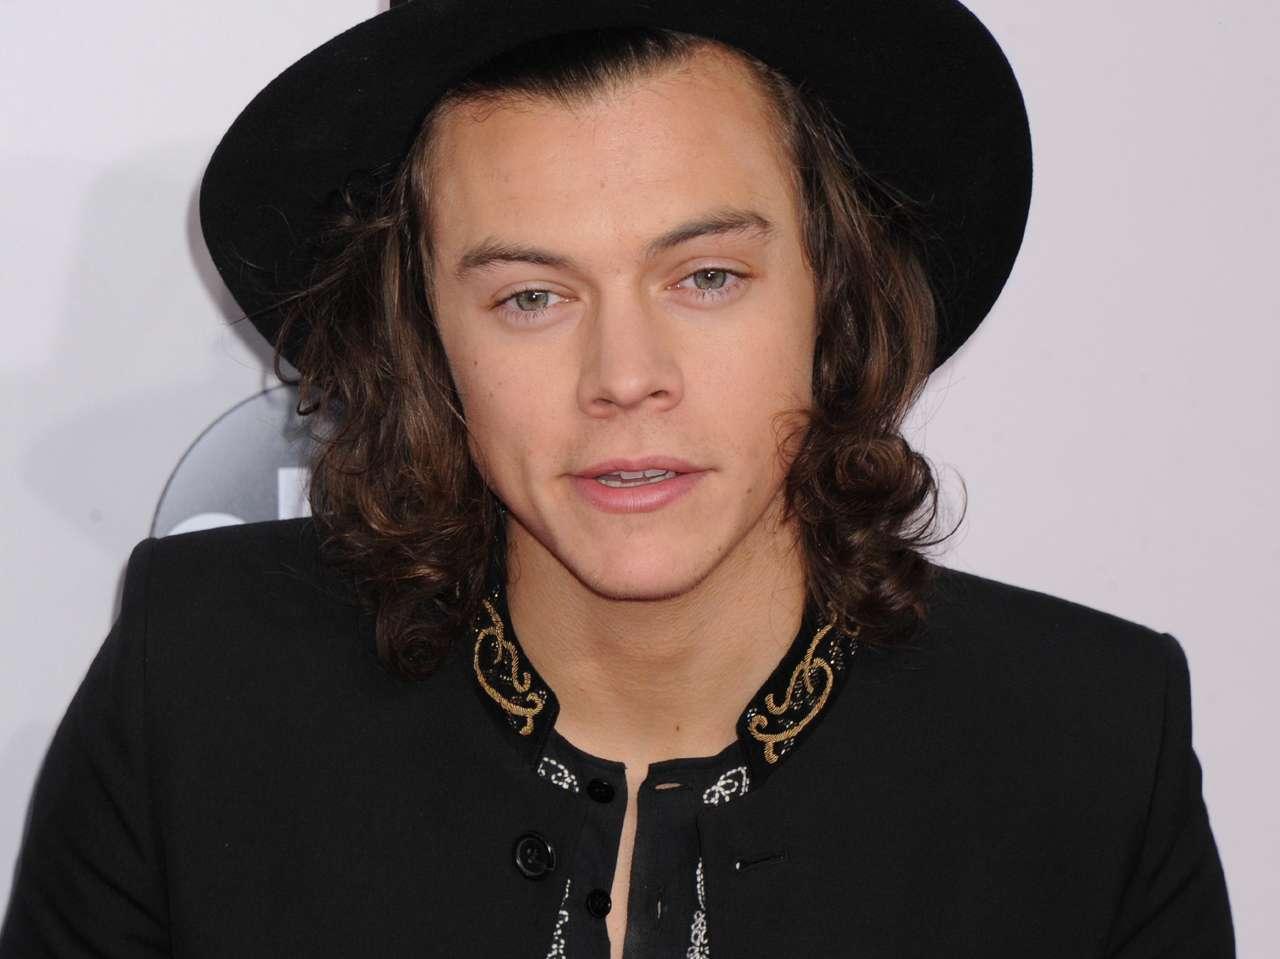 Harry Styles estuvo acompañado de varias celebridades, como David Beckham y Kelly Osbourne, entre otros. Foto: Photo AMC